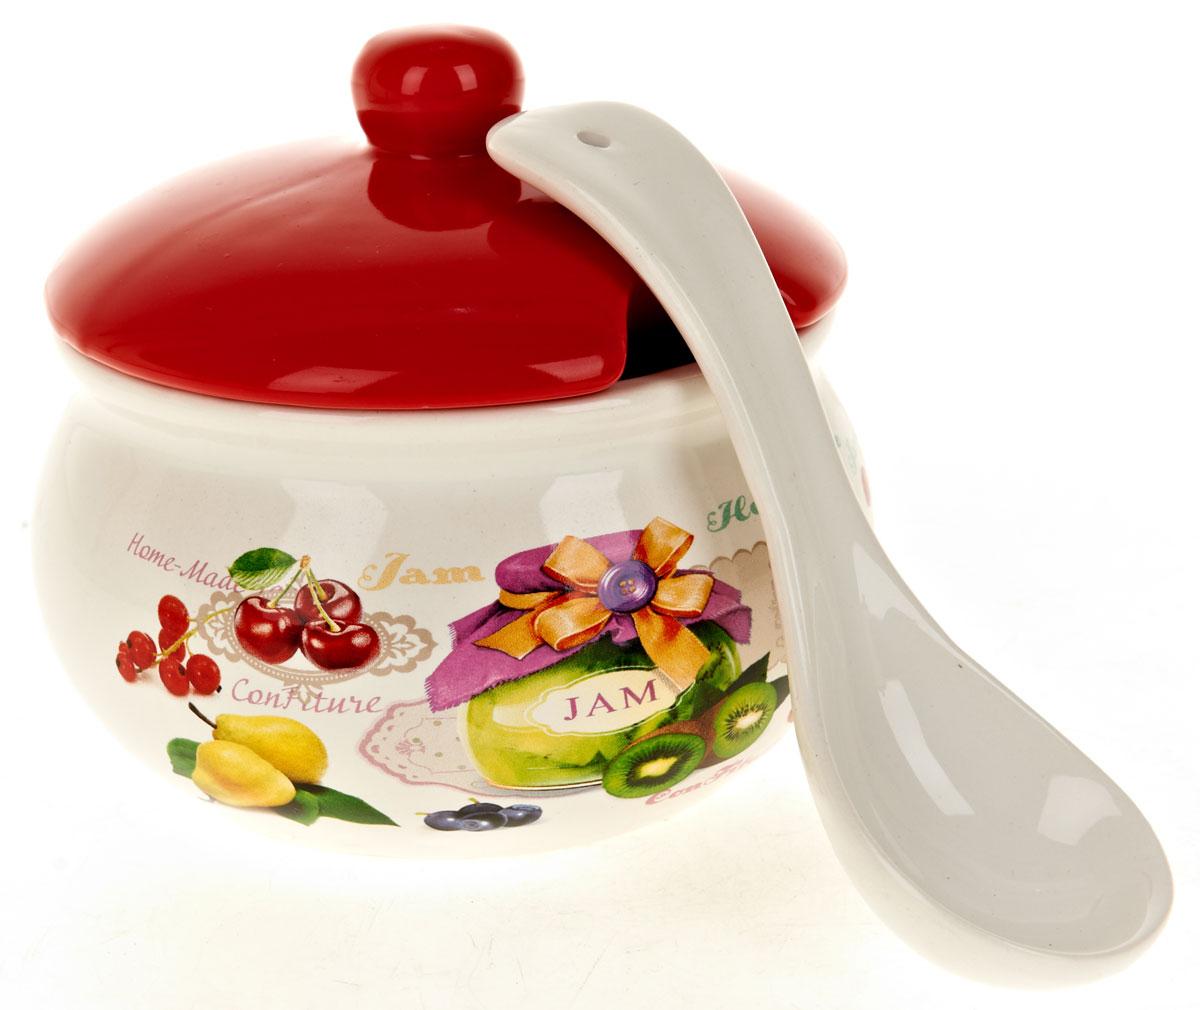 """Сахарница """"Джем"""" с крышкой и ложкой изготовлена из керамики и украшена ярким рисунком.Емкость универсальна, подойдет как для сахара, так и для специй или меда. Можно мыть в посудомоечной машине."""